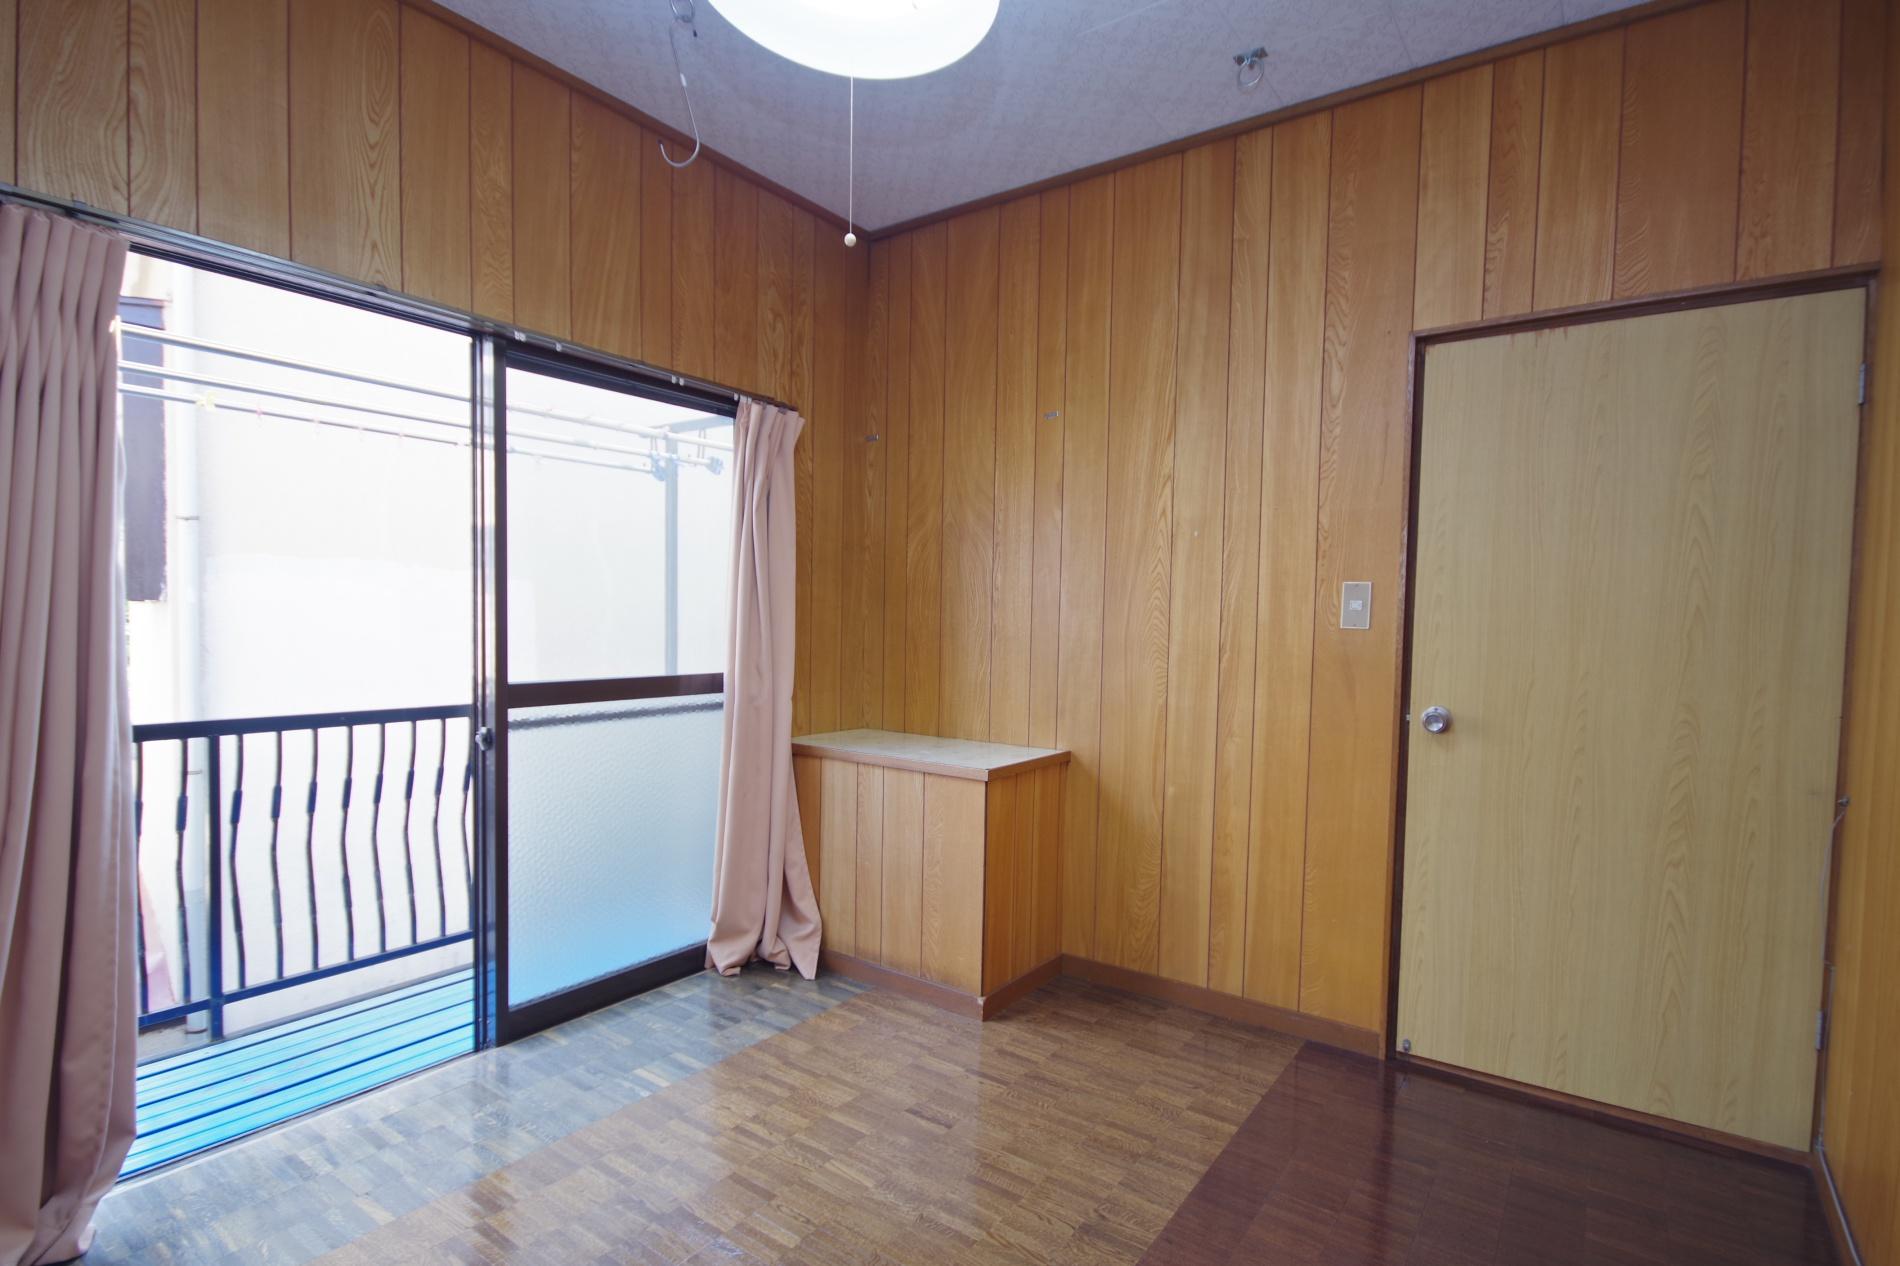 テラスハウス鶴瀬アパートメント | シェアハウス検索サイト『シェアシェア』